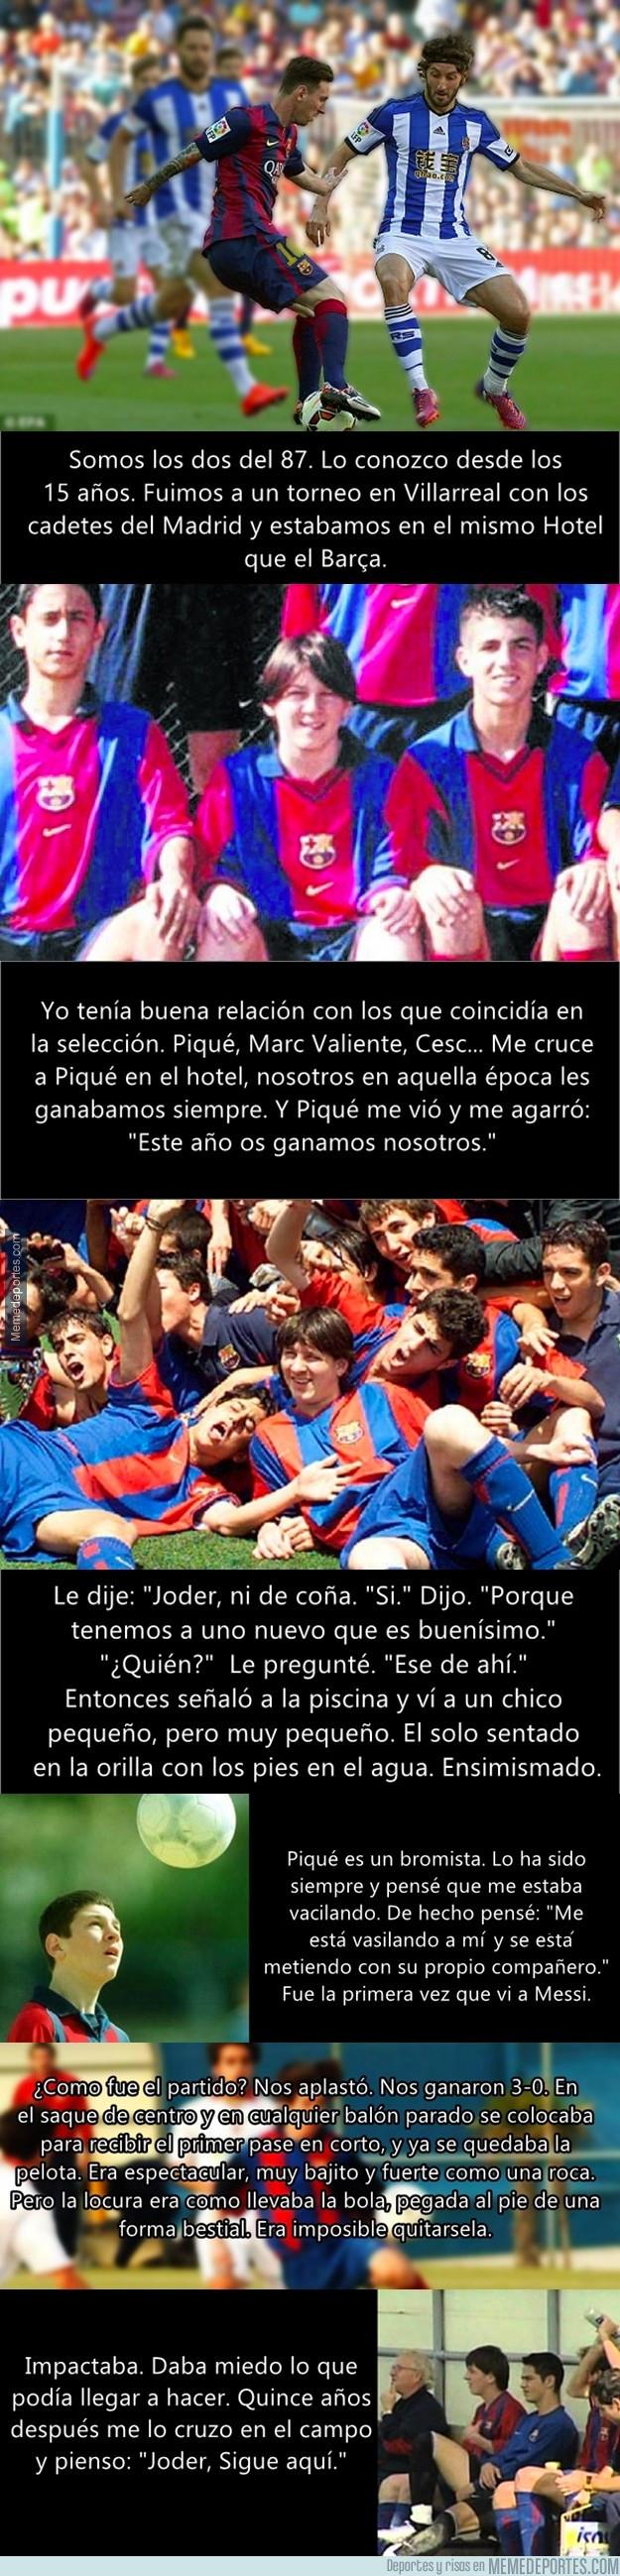 998070 - Esteban Granero cuenta la anécdota del día que conoció a Messi y cómo Piqué lo vaciló